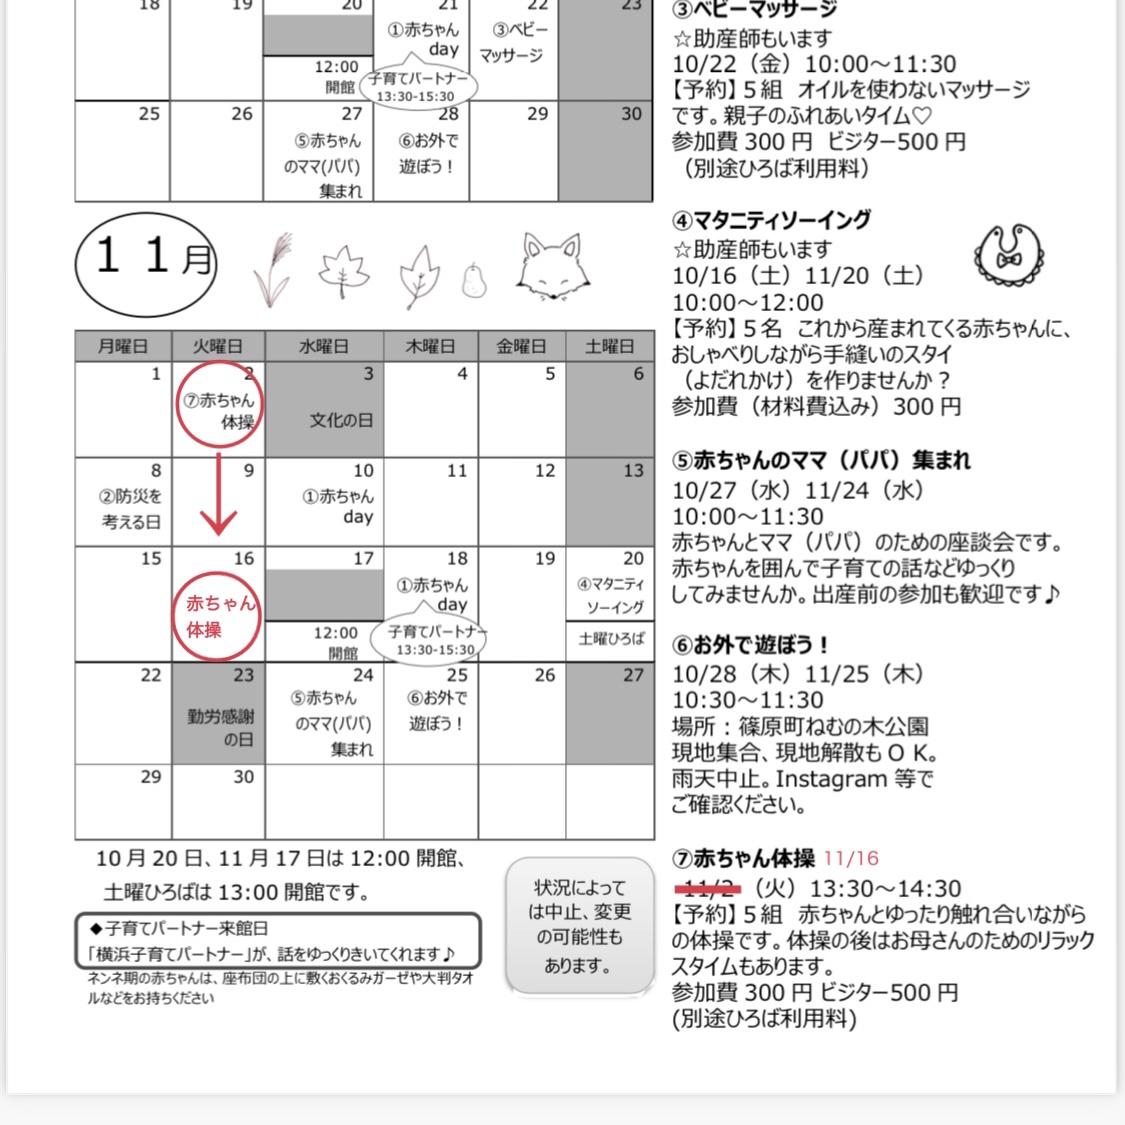 【赤ちゃん体操】日程変更のお知らせ